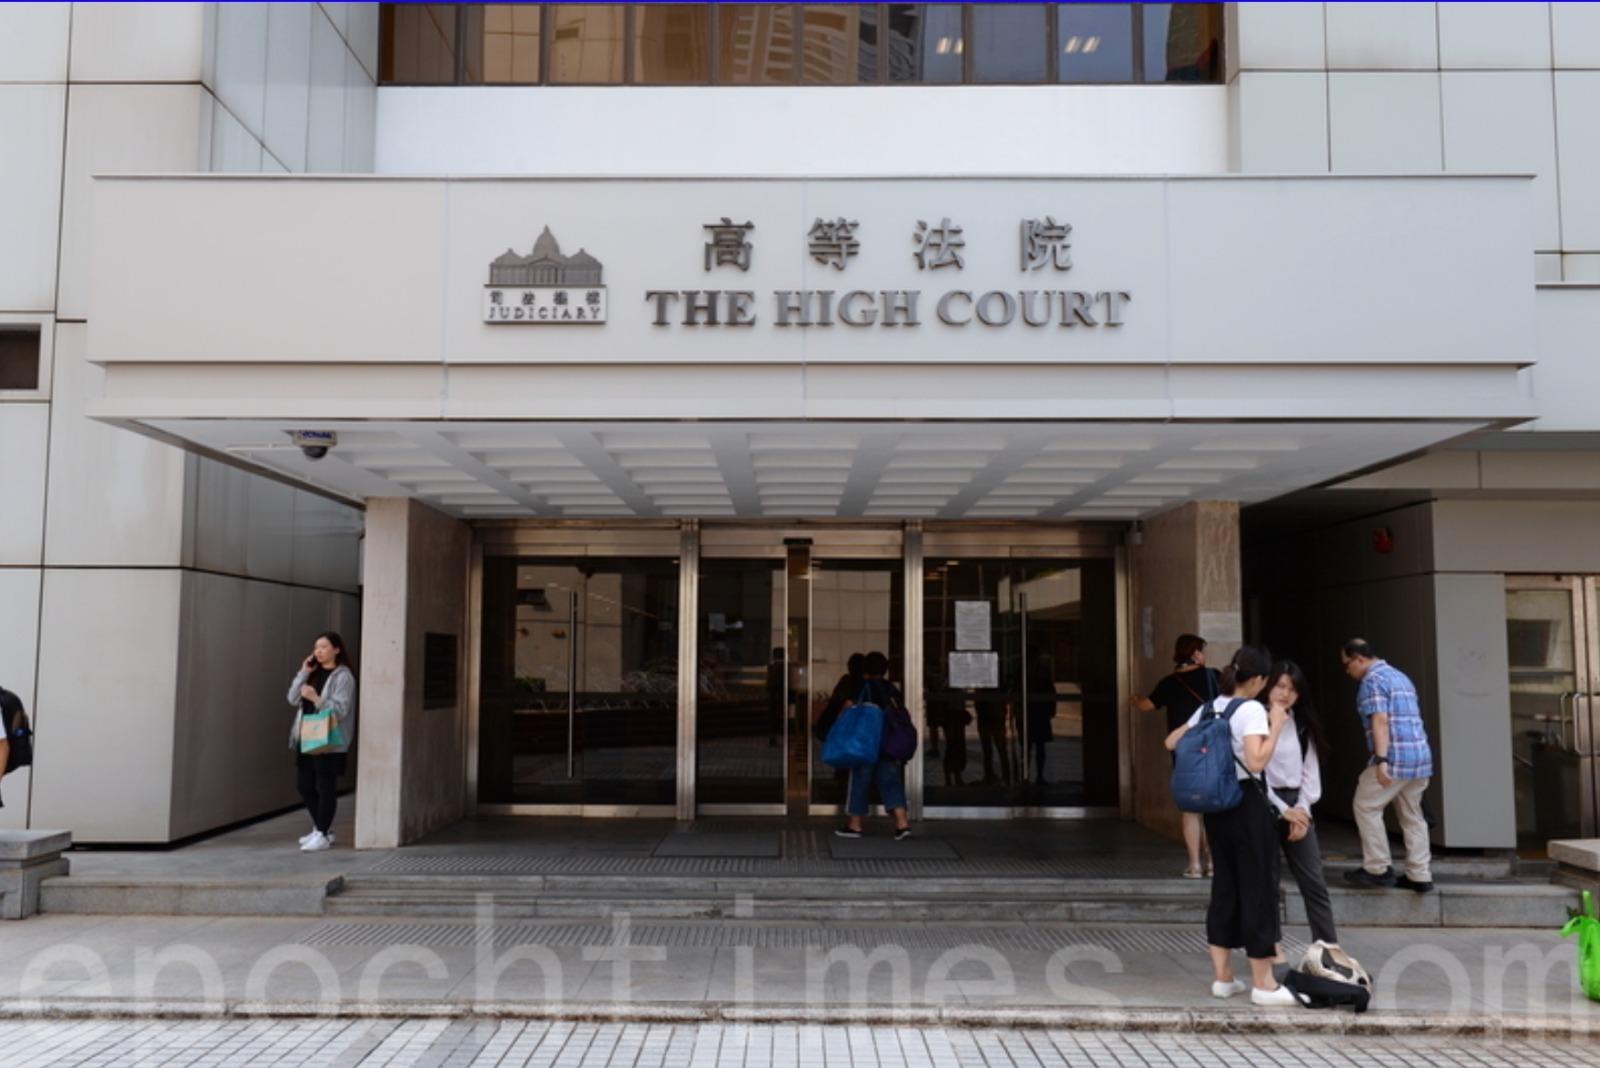 7月27日港人唐英傑因「光復香港,時代革命」口號被以「港版國安法」判刑,不少學者和民眾擔憂香港的言論自由被進一步壓縮。圖為香港高等法院。(大紀元)